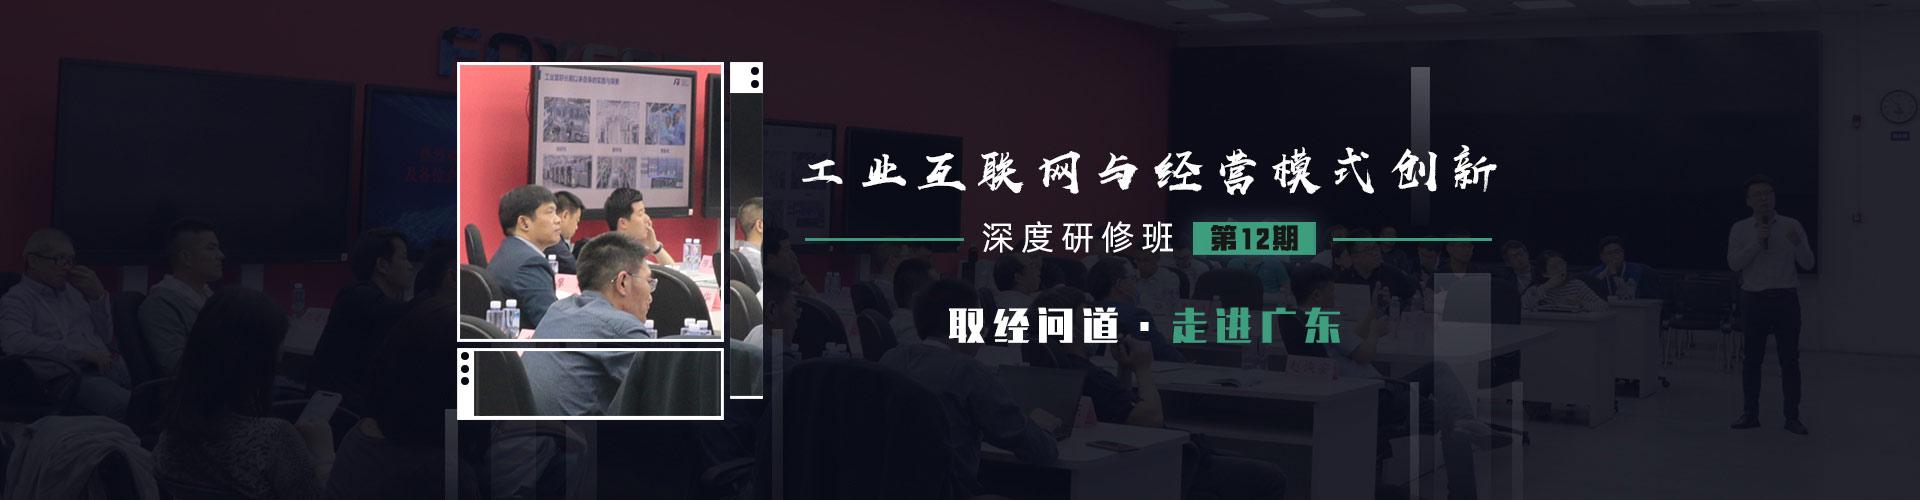 『取经问道·走进广东』第12期